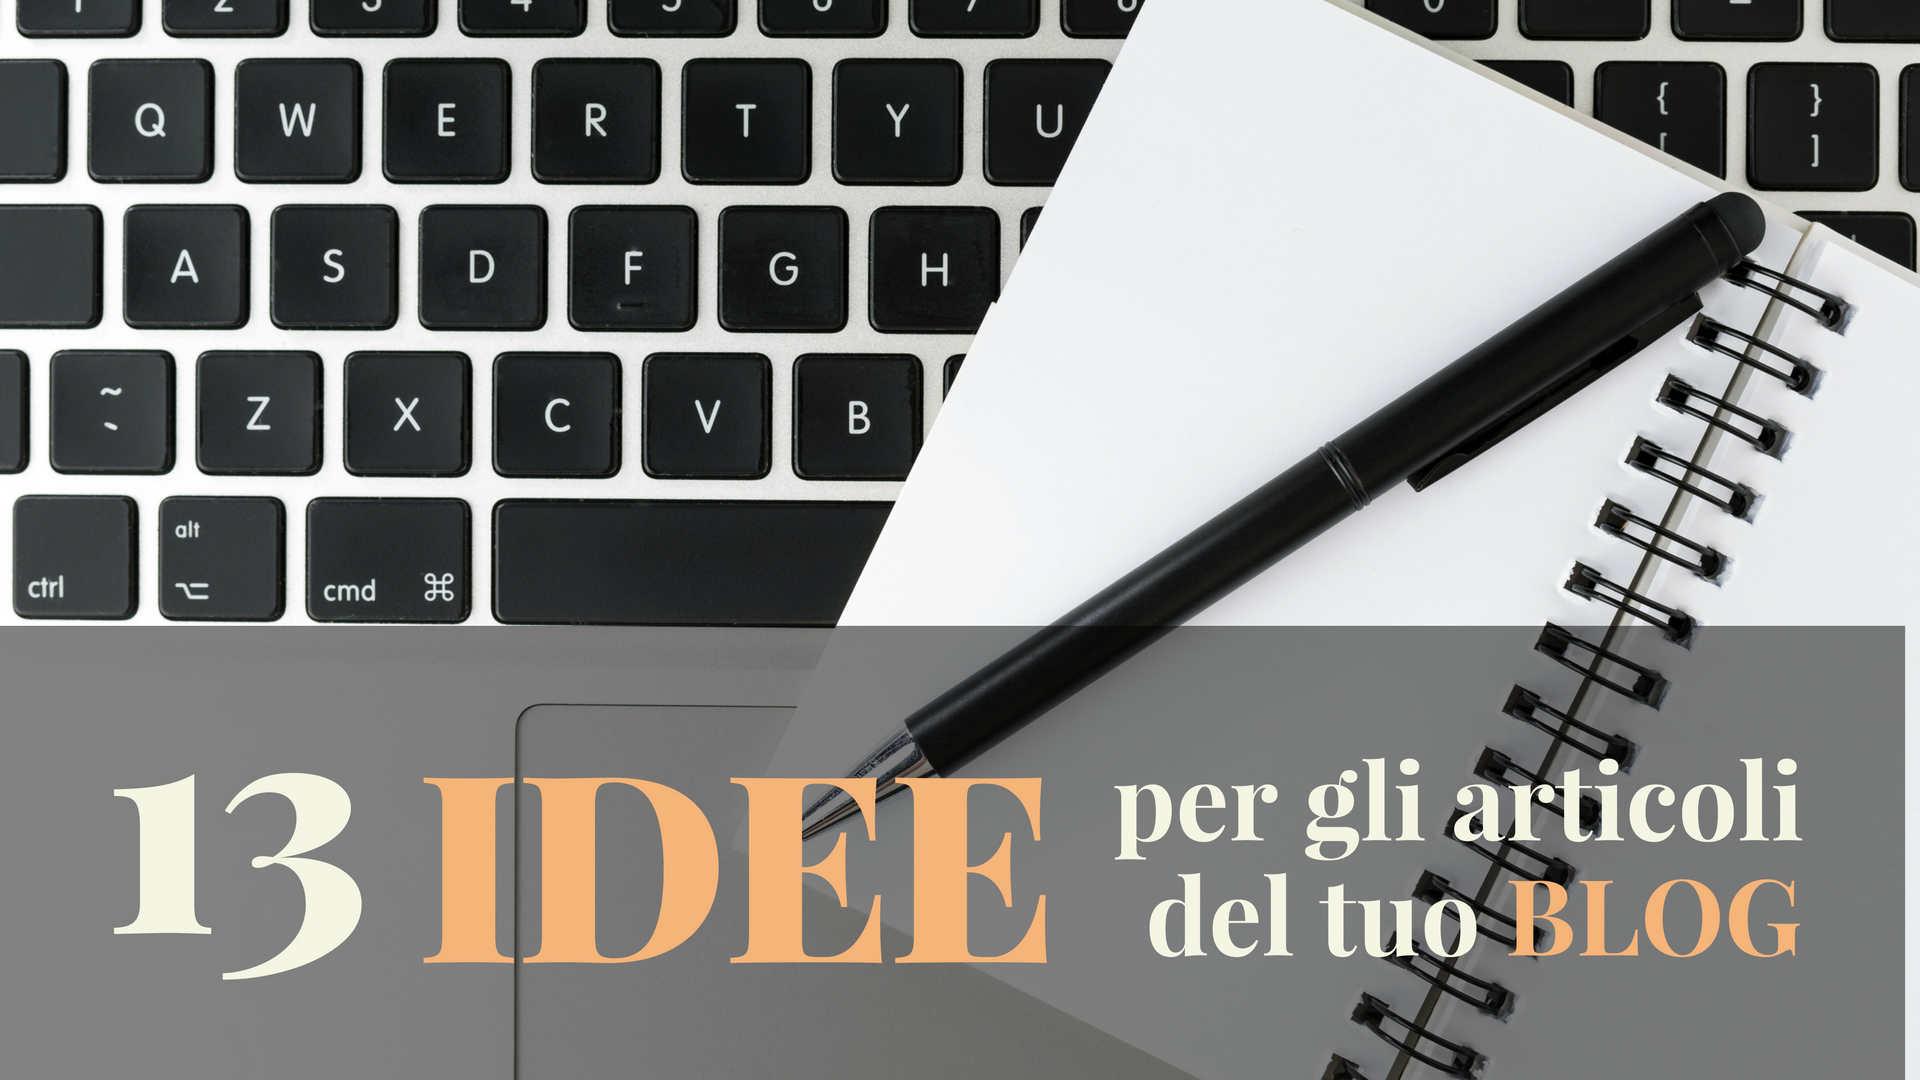 idee per gli articoli del tuo blog